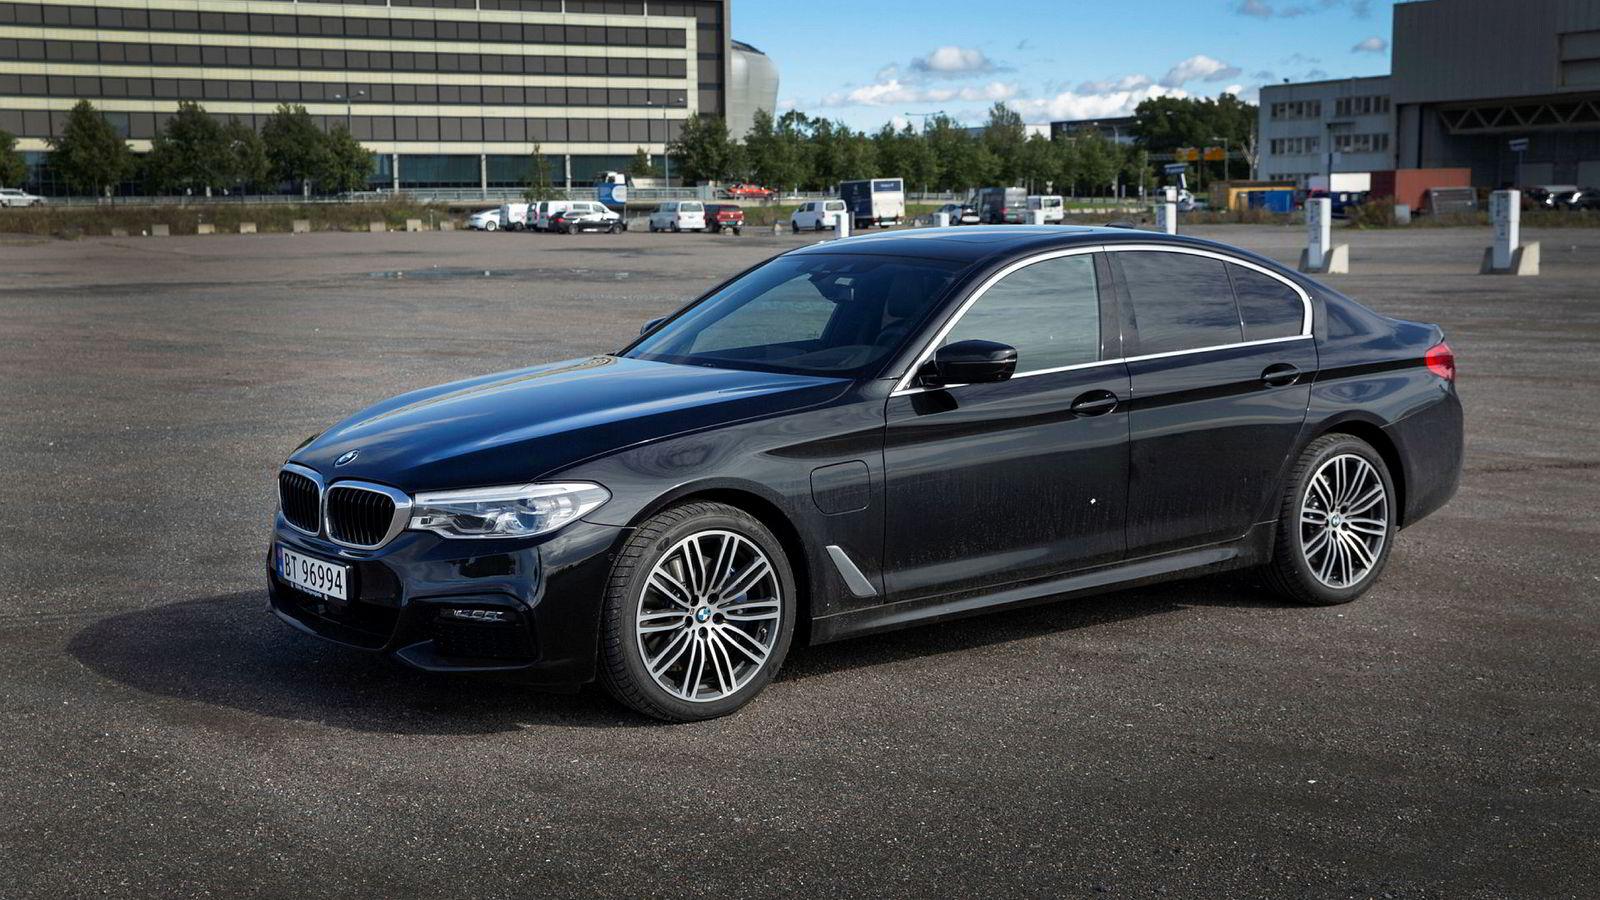 BMWs ladbare 5-serie får endelig firehjulsdrift.